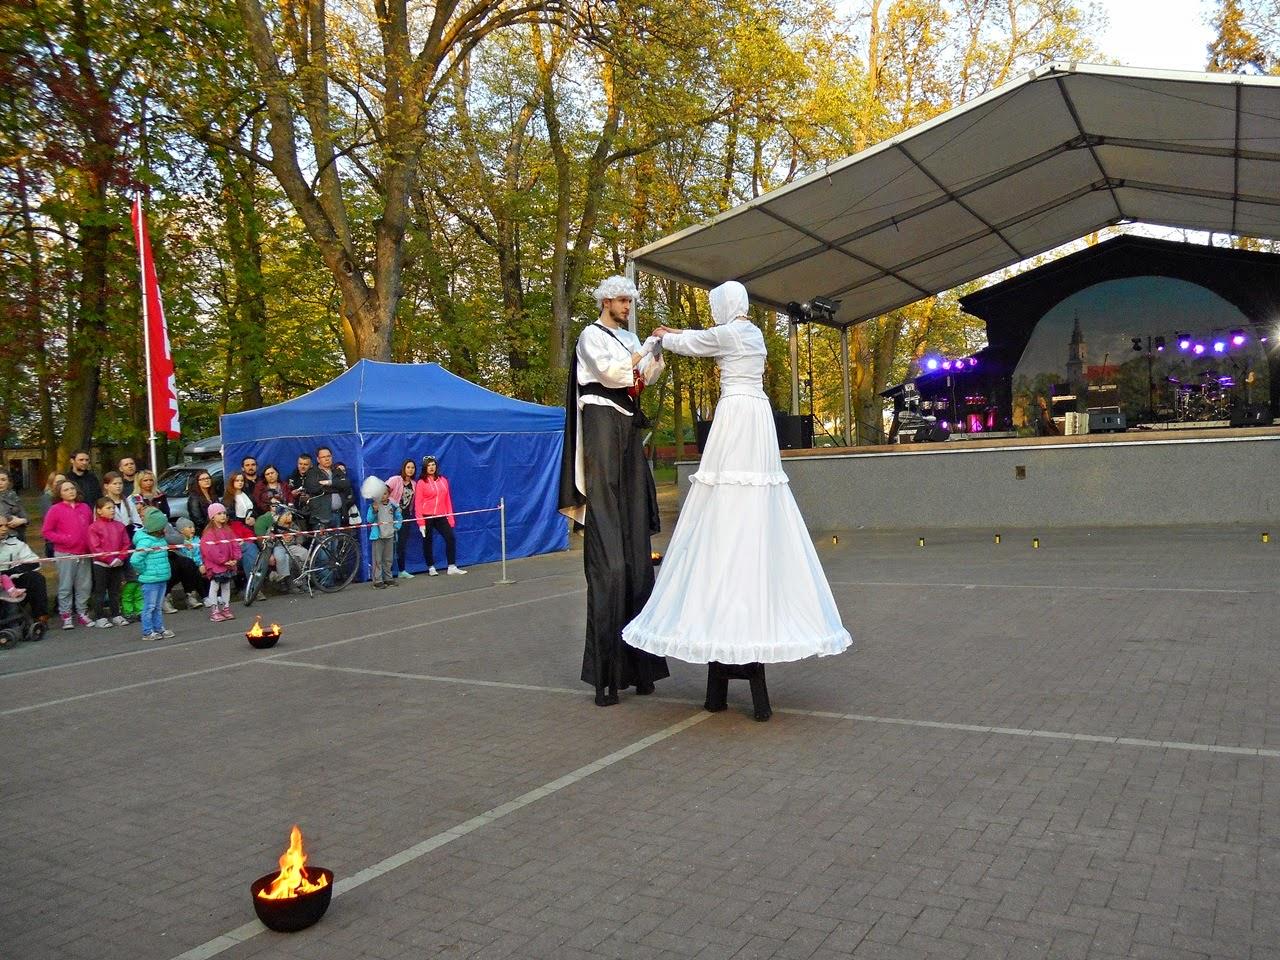 przedstawienie, teatr uliczny, park, widzowie